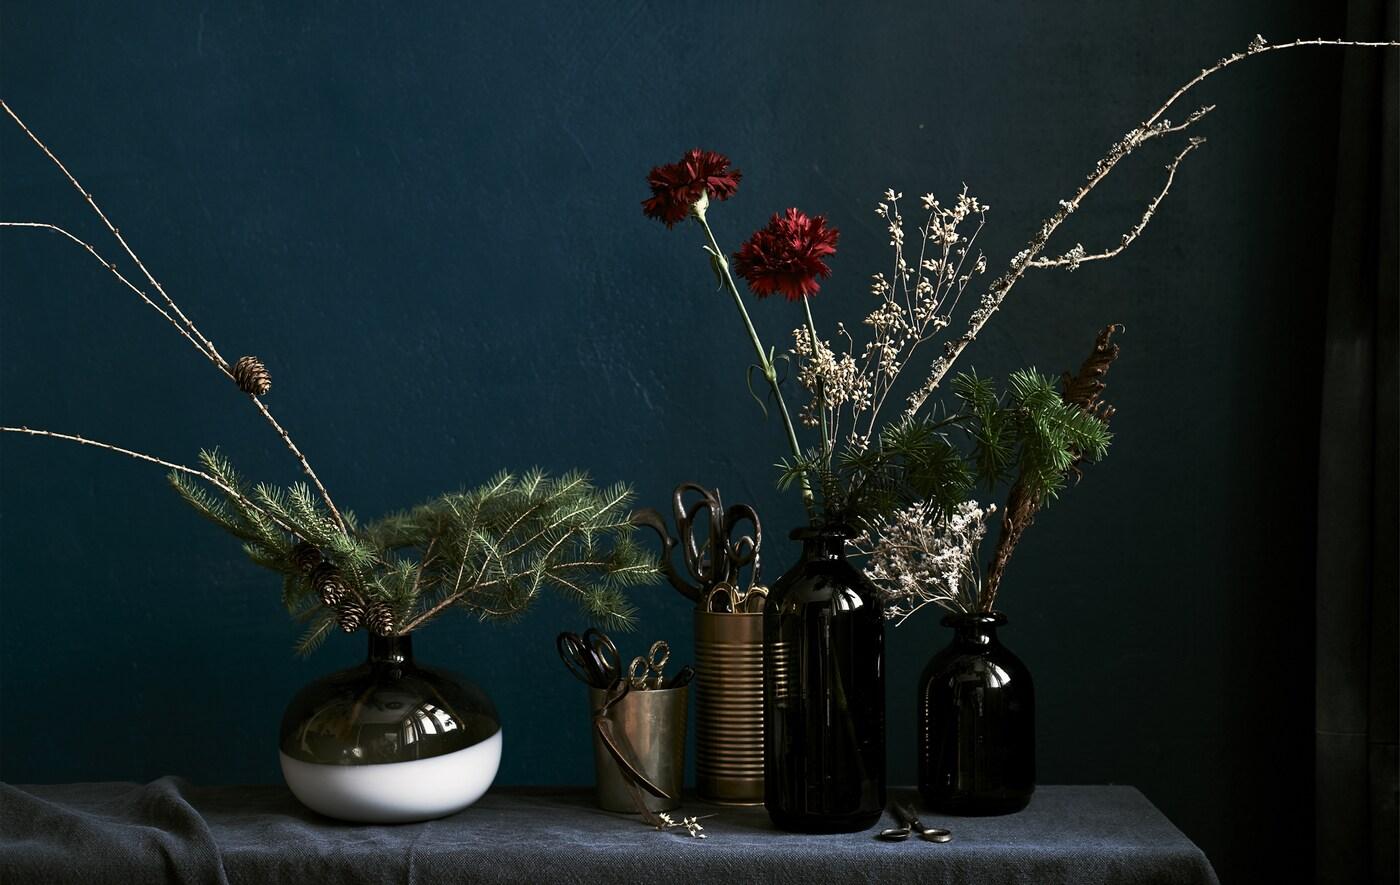 Blüten- & Sträucherdekoration in unterschiedlich großen dunklen Vasen vor einem dunklen Hintergrund